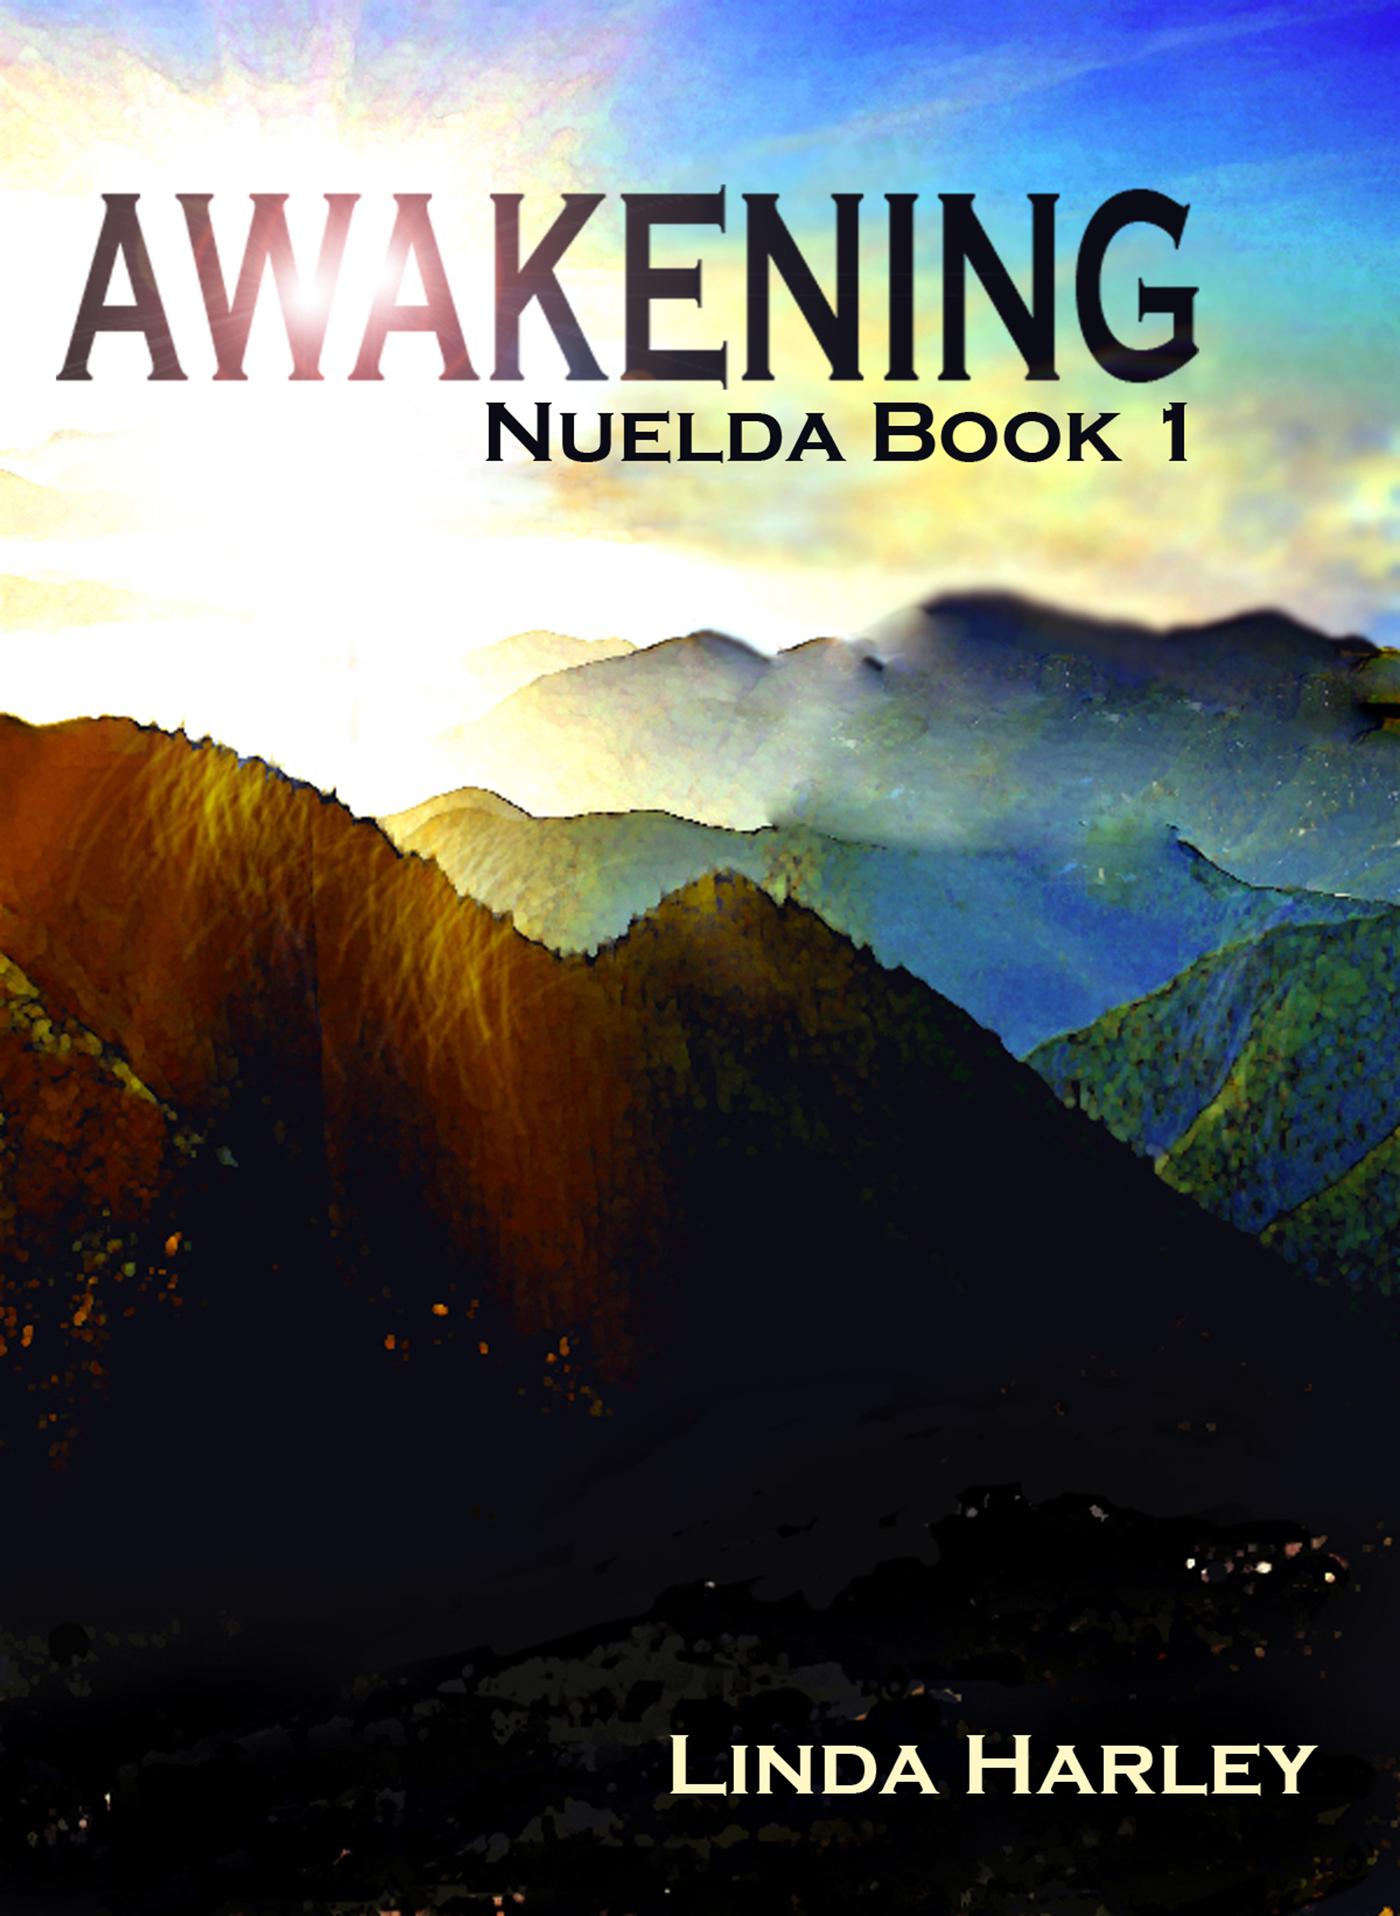 Serial Sci-Fi: Awakening by Linda Harley, Chapter 1